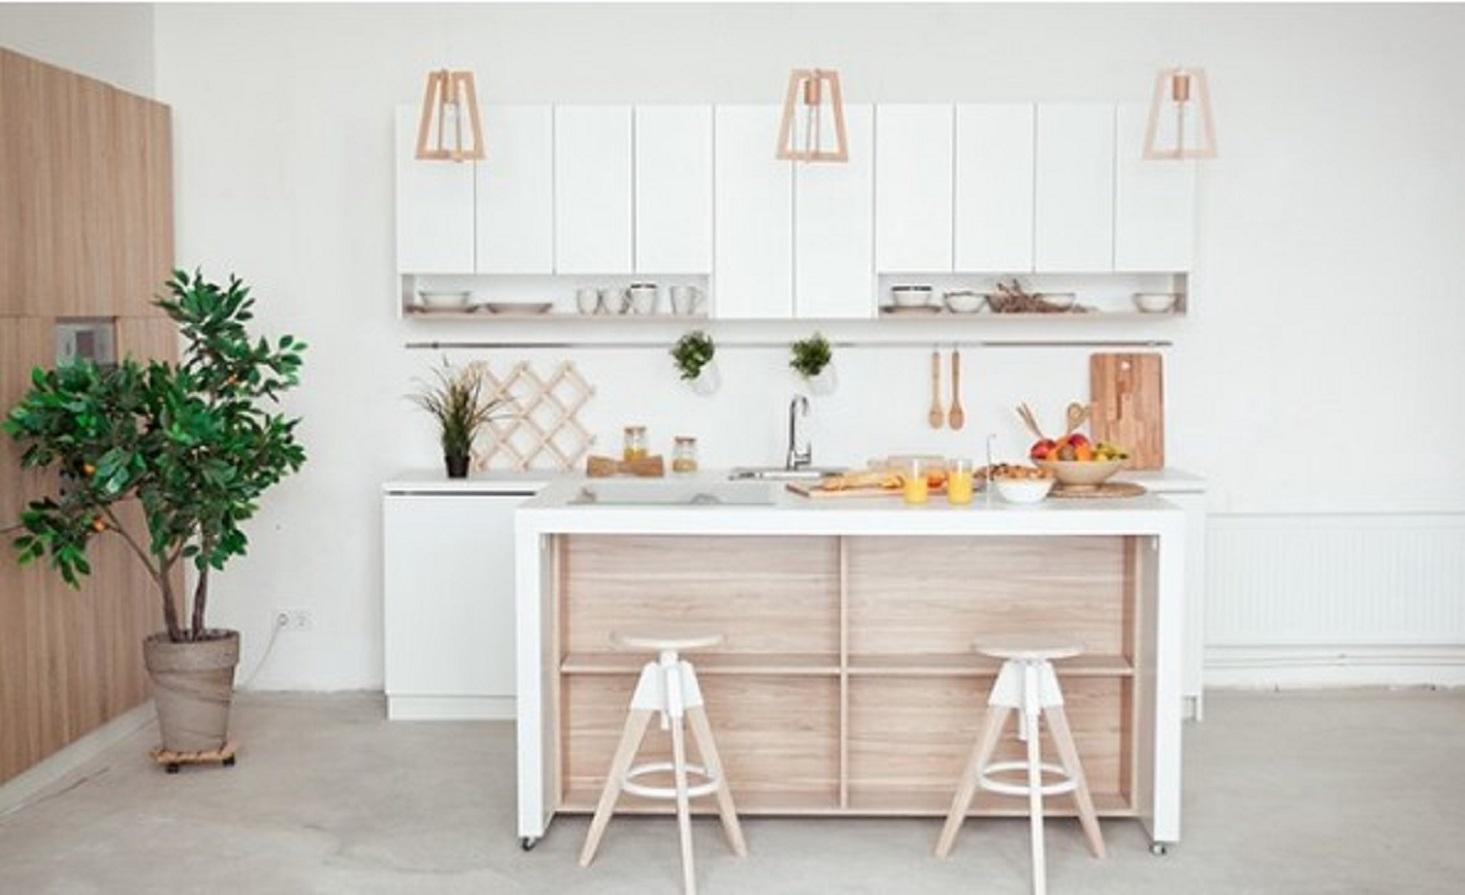 Dapur Minimalis Sederhana yang Selalu Rapi